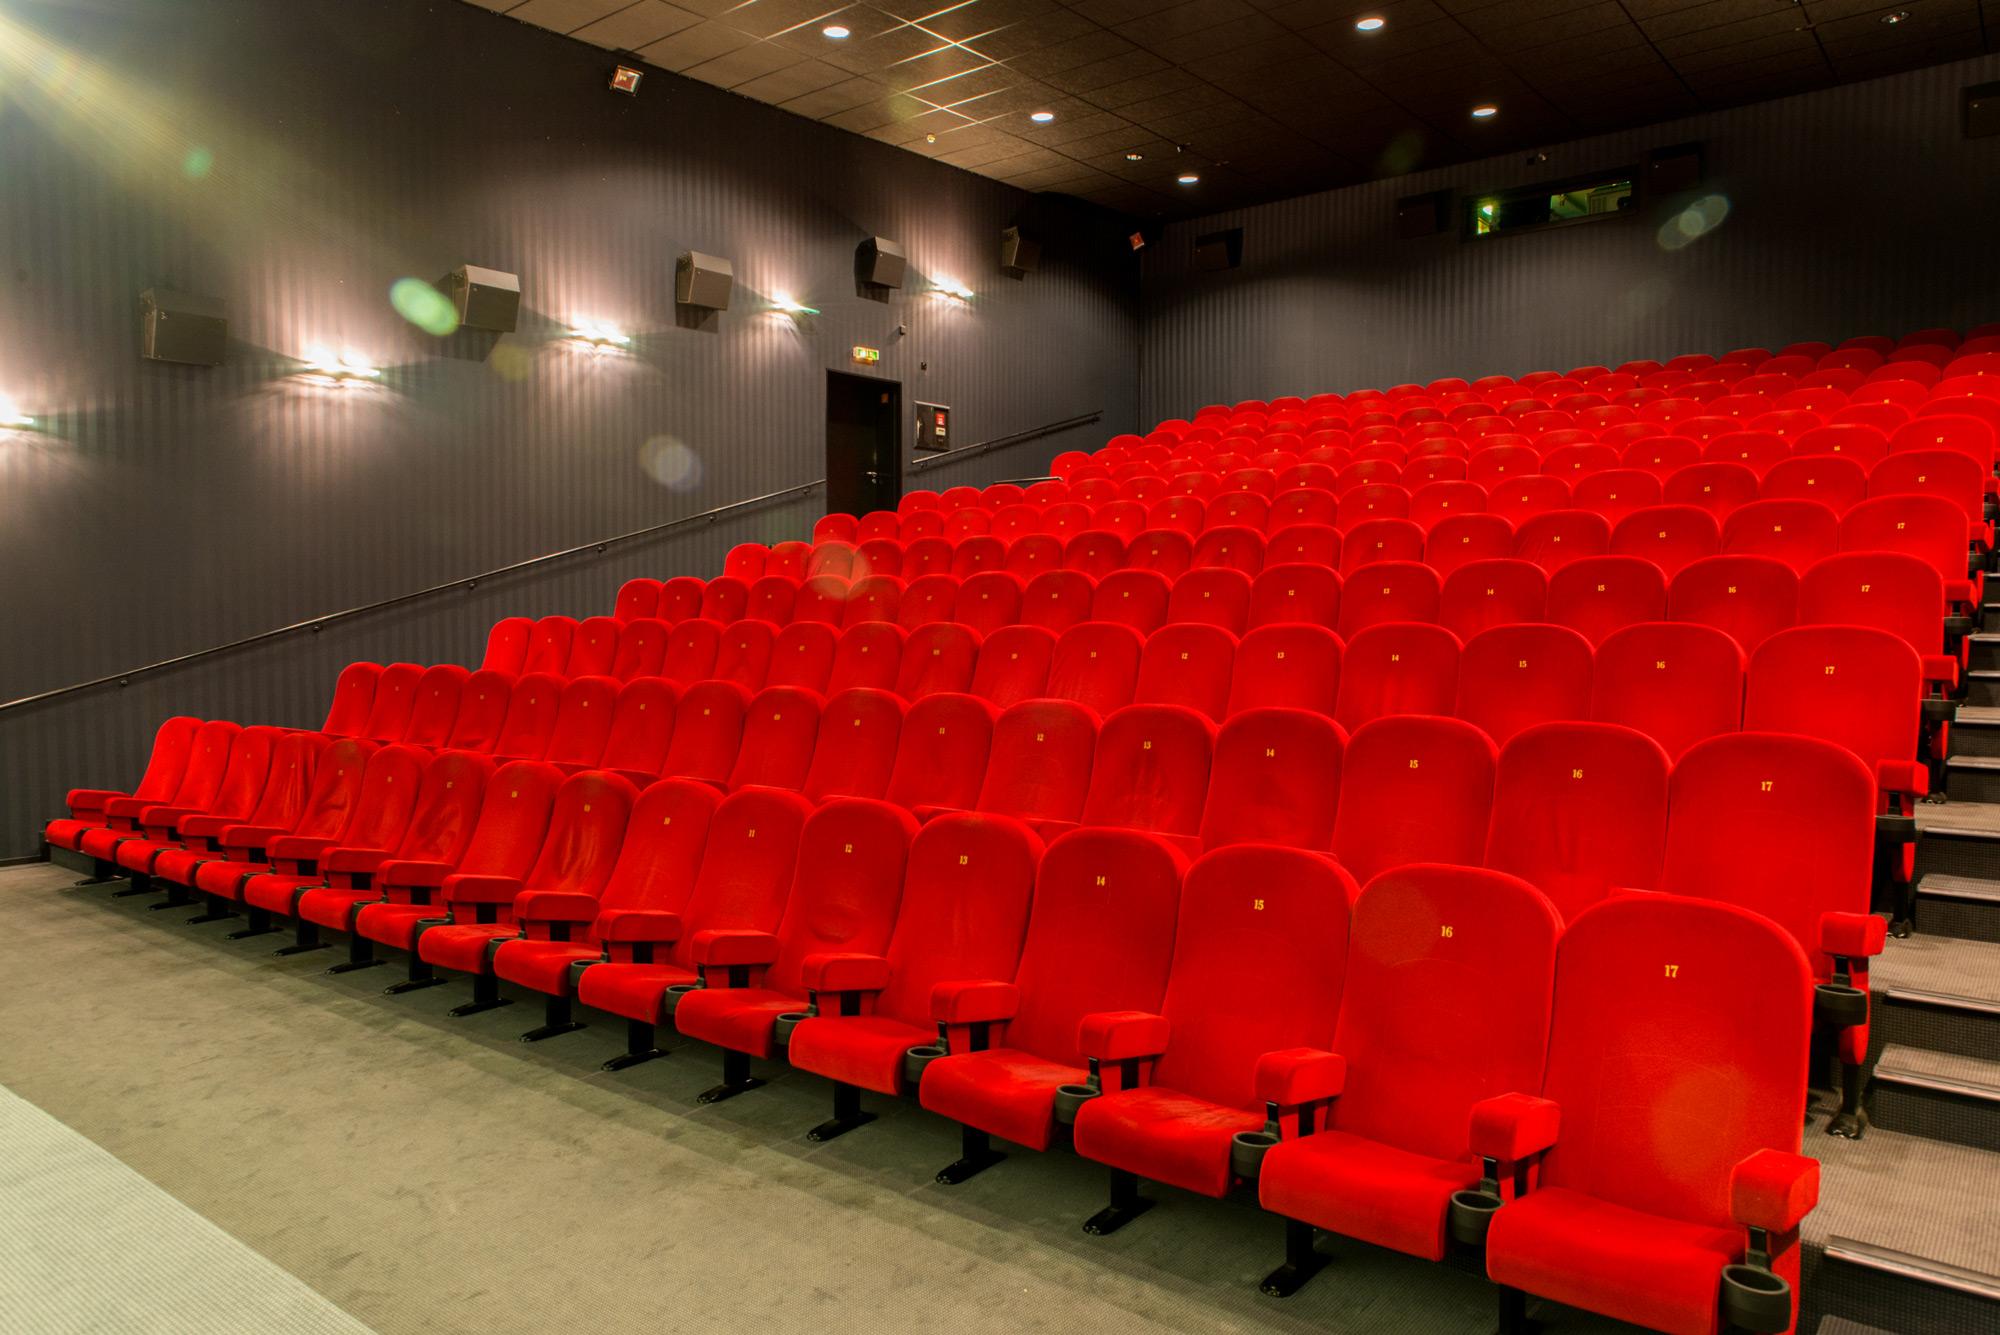 Kino 2 mit 202 Plätzen